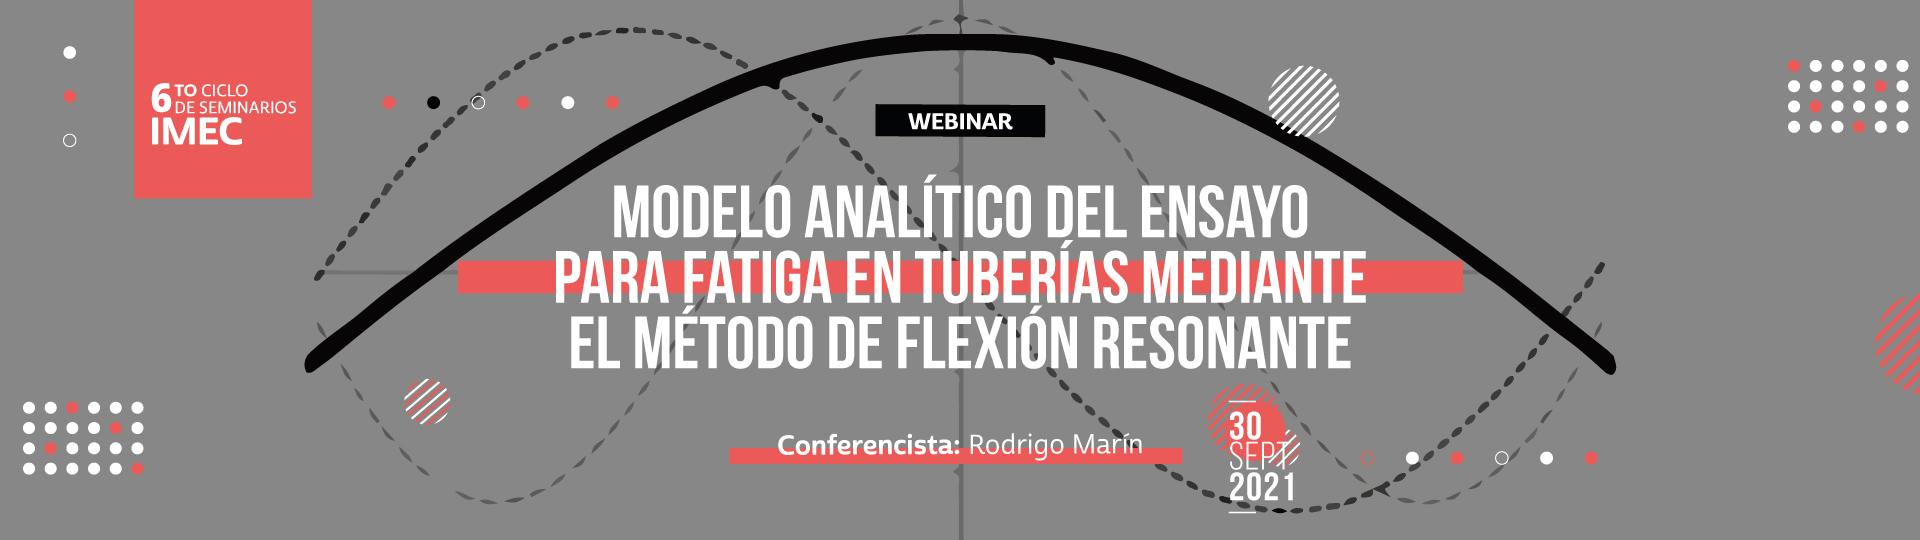 El profesor Rodrigo Marín hablará sobre el modelo analítico para fatiga en tuberías